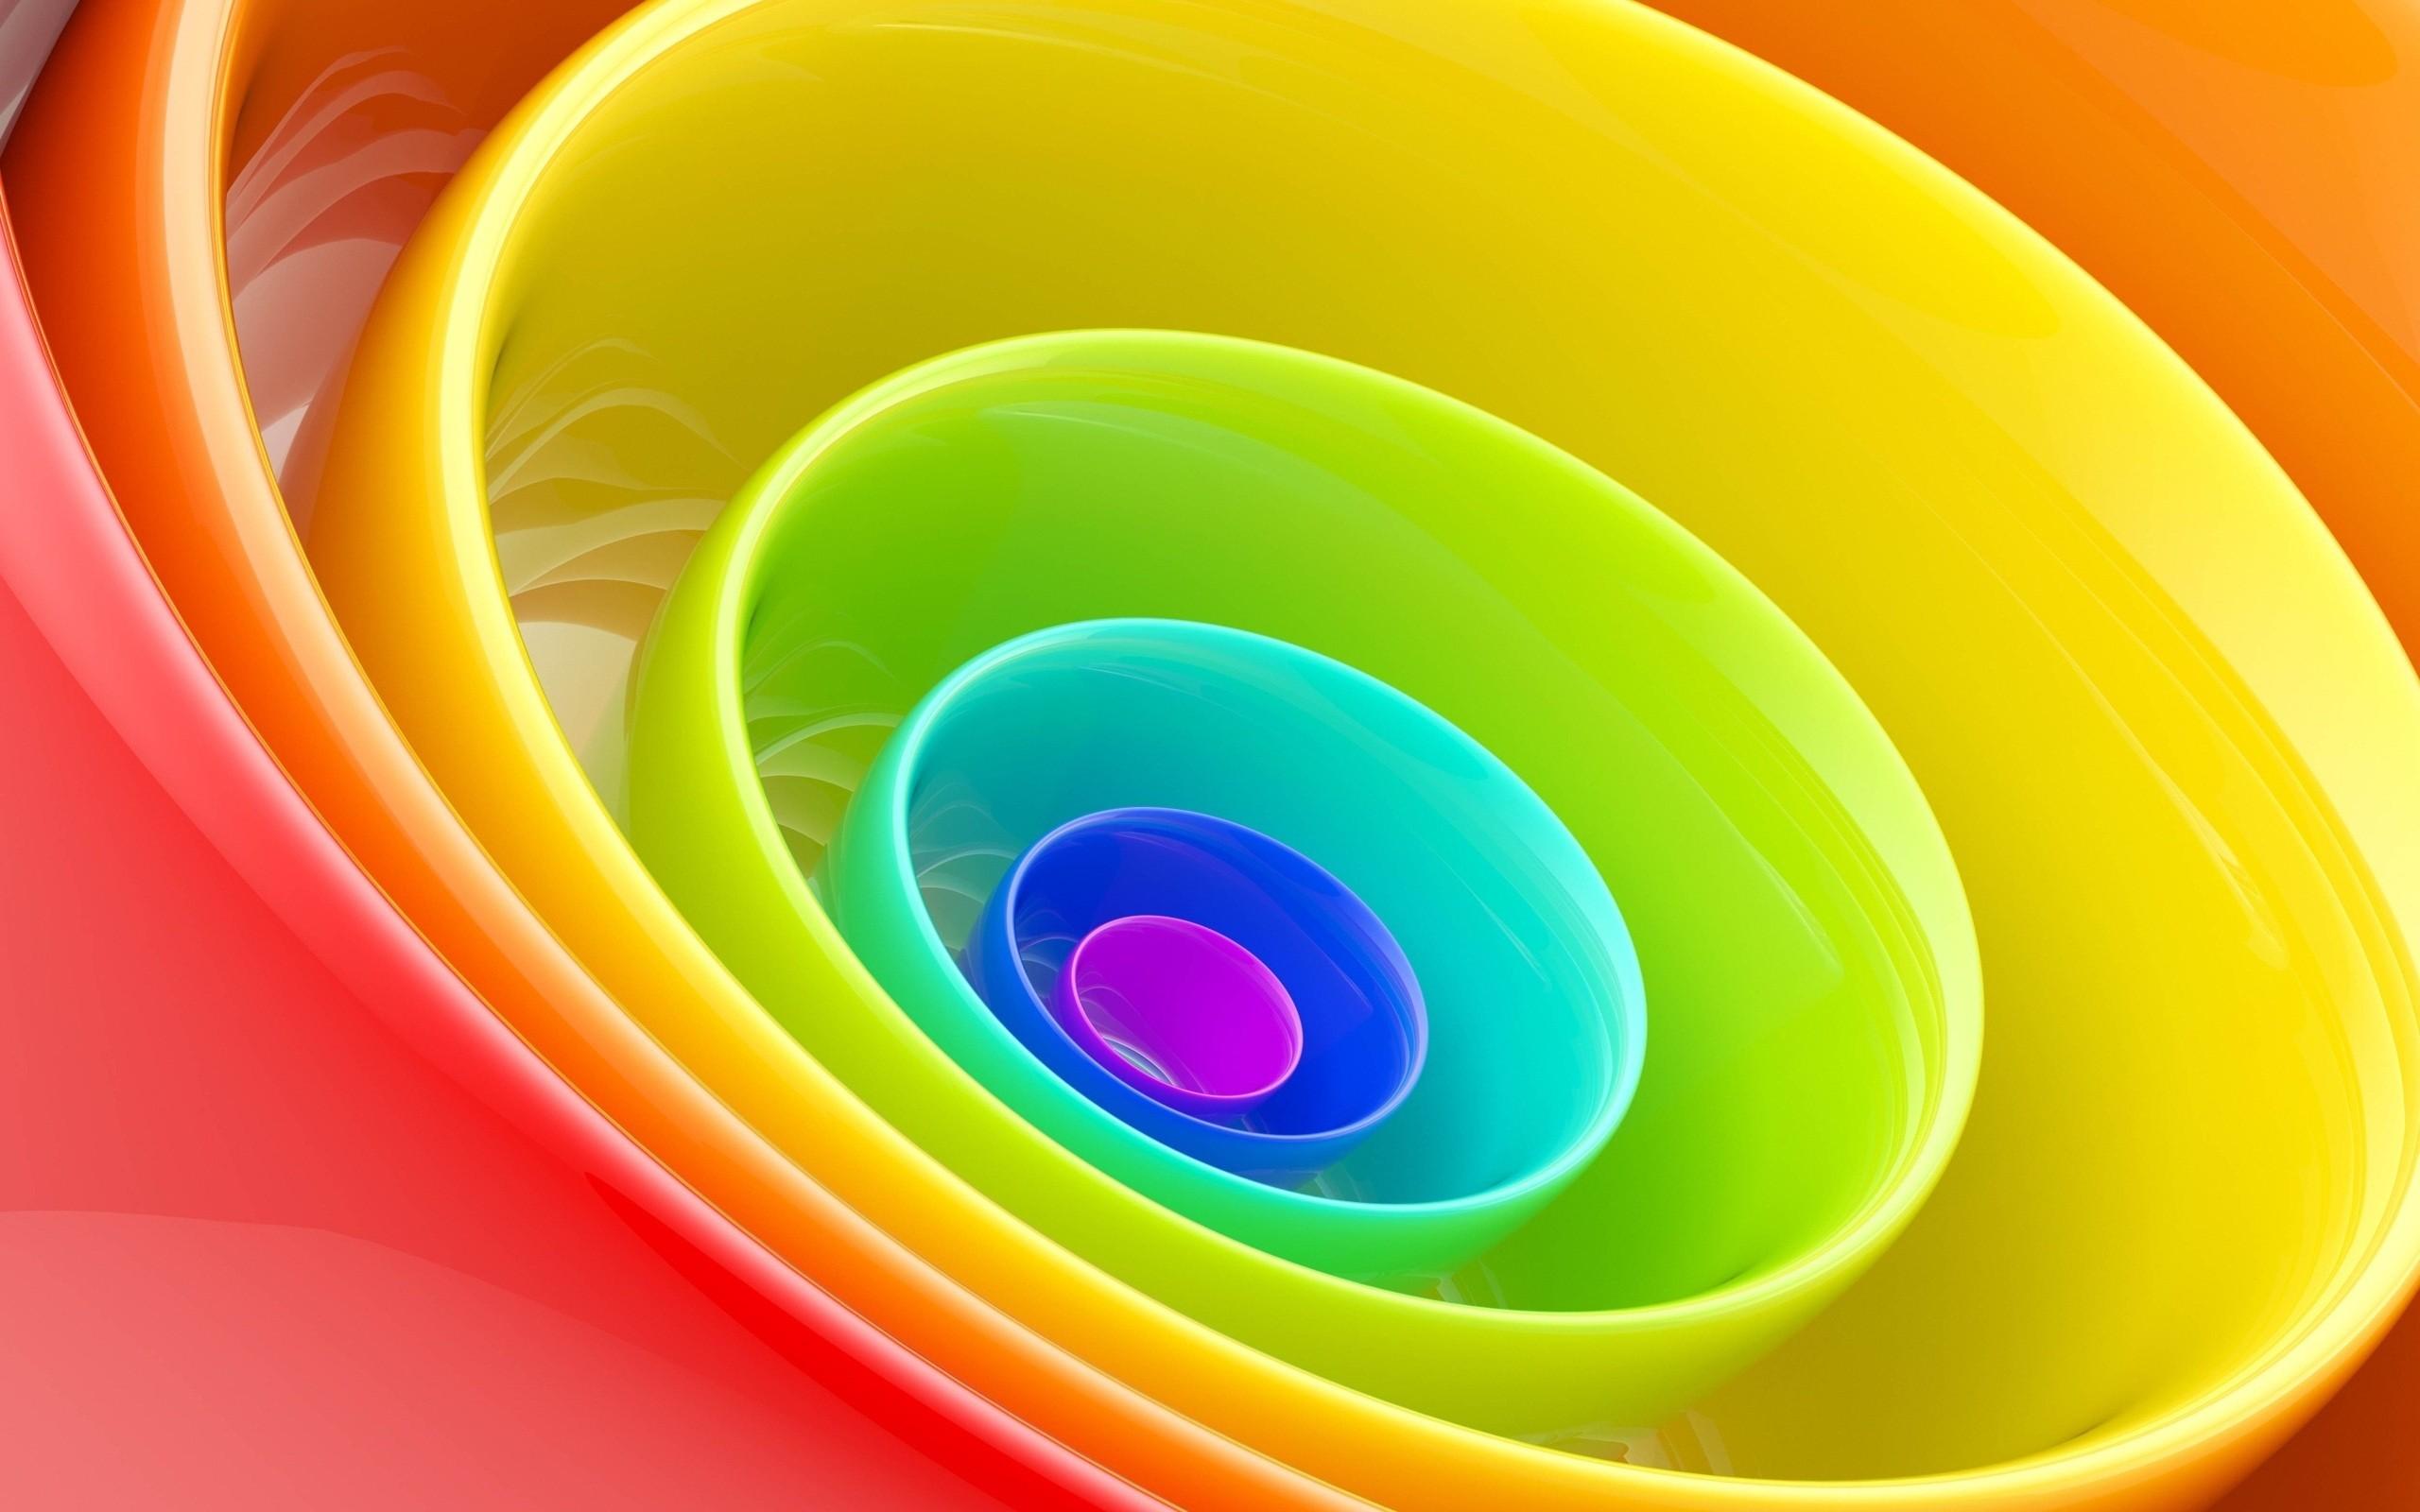 Res: 2560x1600, 3d Rainbow Wallpaper 1080p #qYF